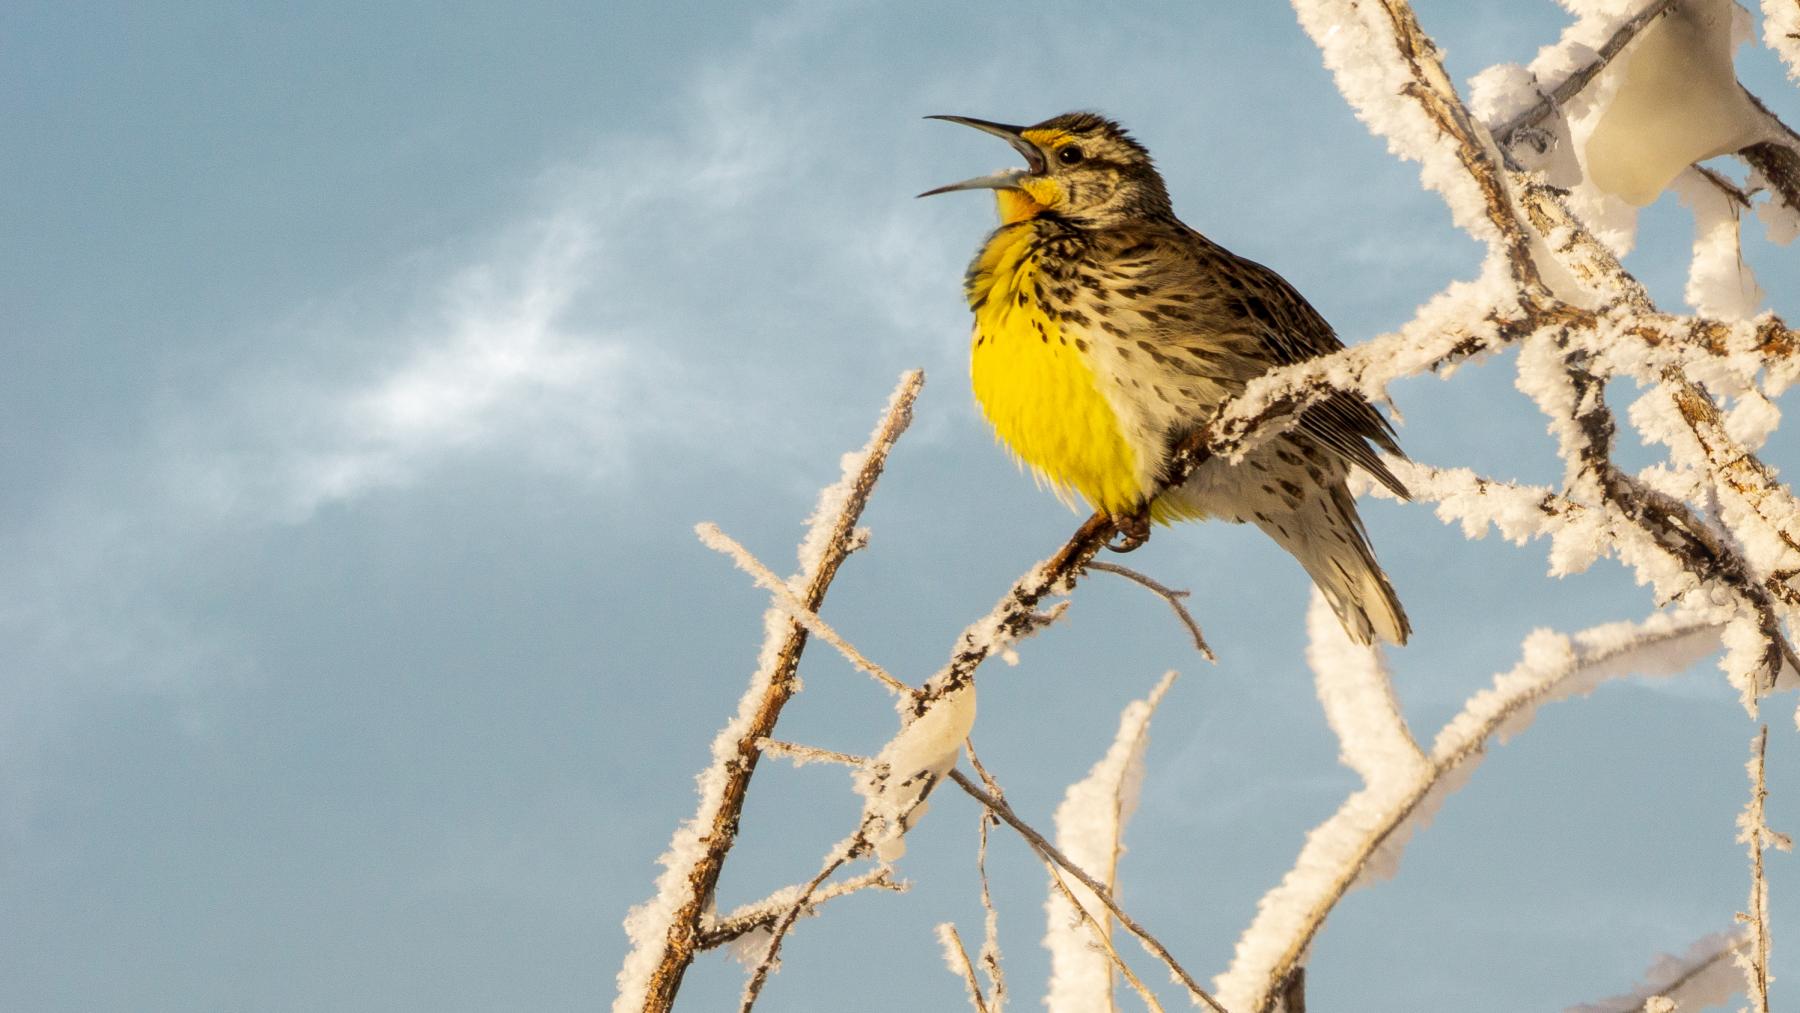 Western Meadowlark by Jennifer Coombes